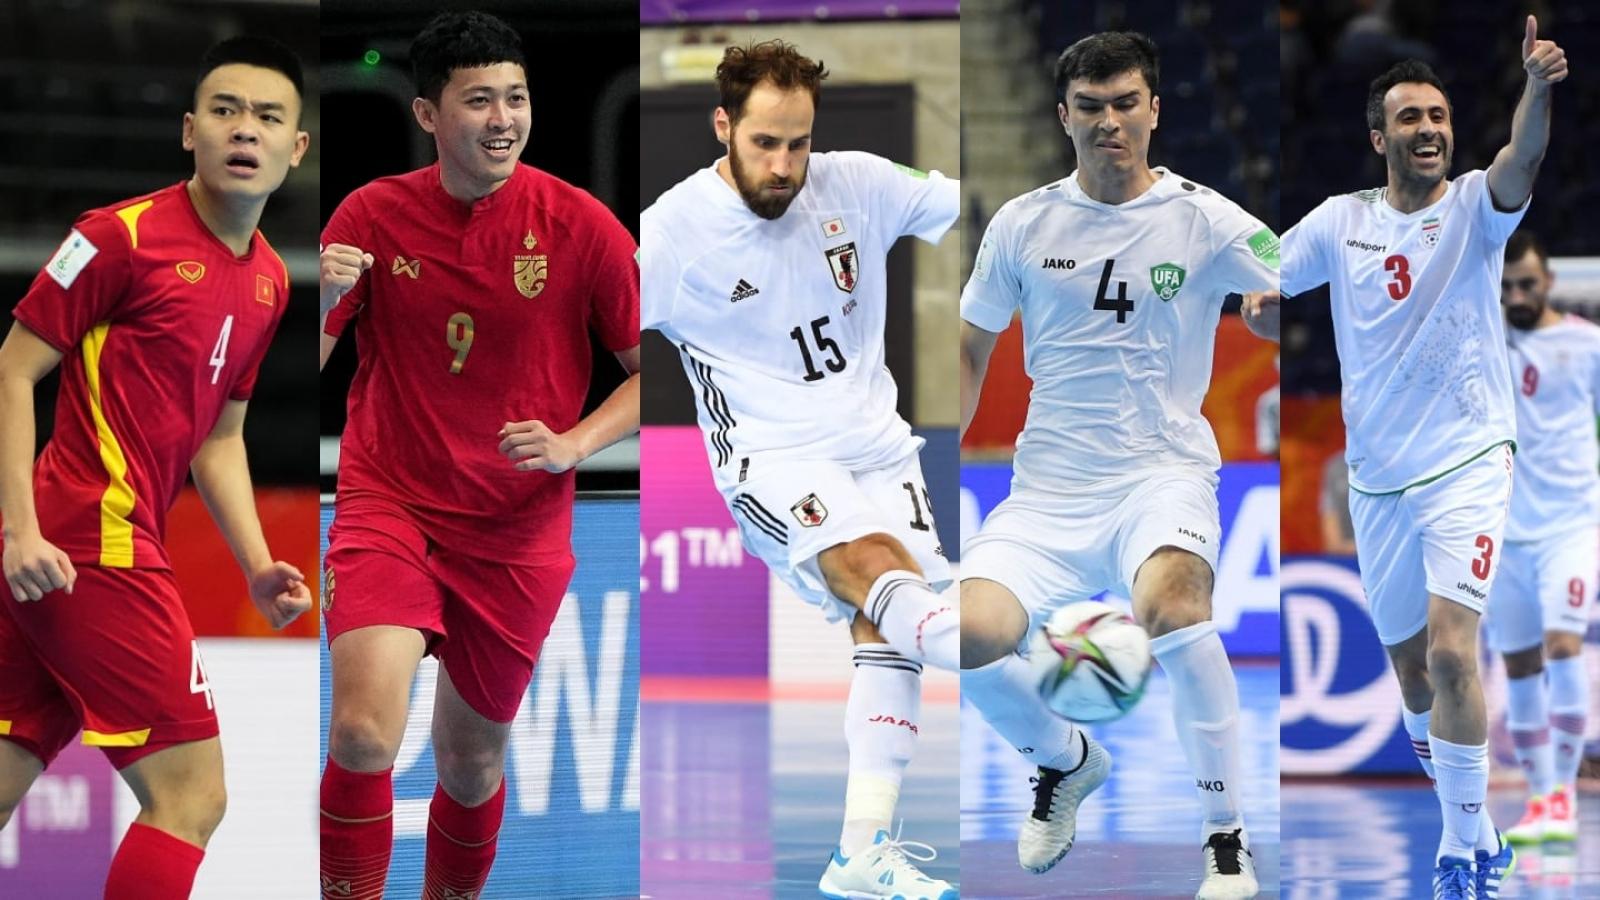 Bóng đá châu Á chỉ có 1 đại diện ở tứ kết Futsal World Cup 2021